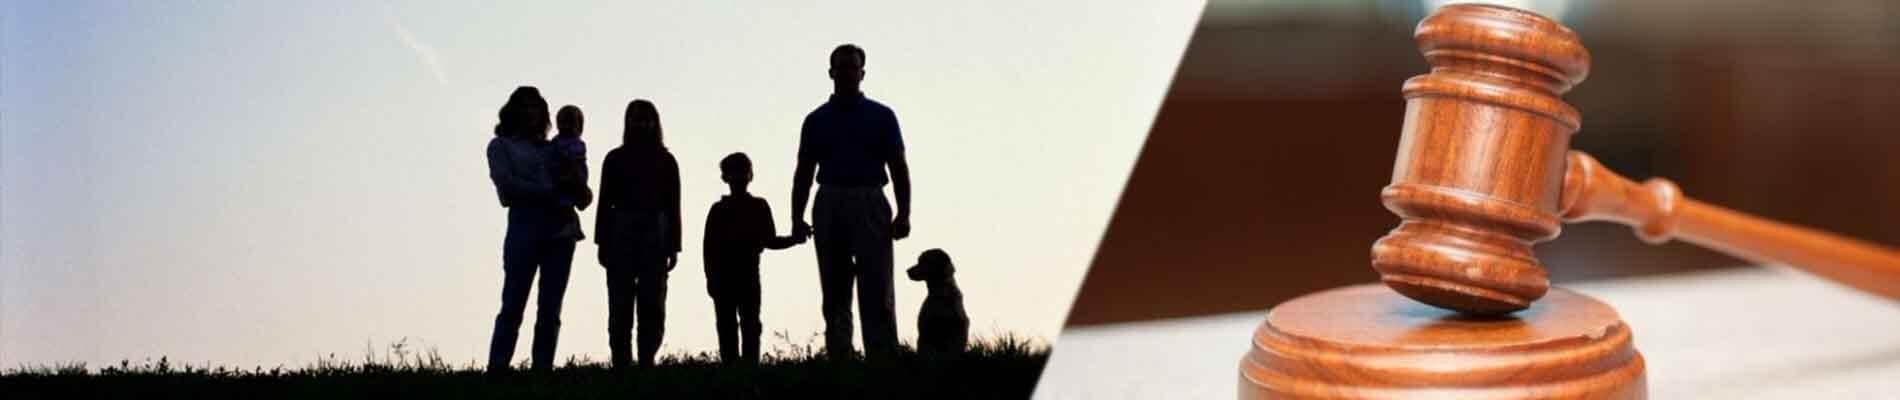 Юрист установить родственные отношения с наследником